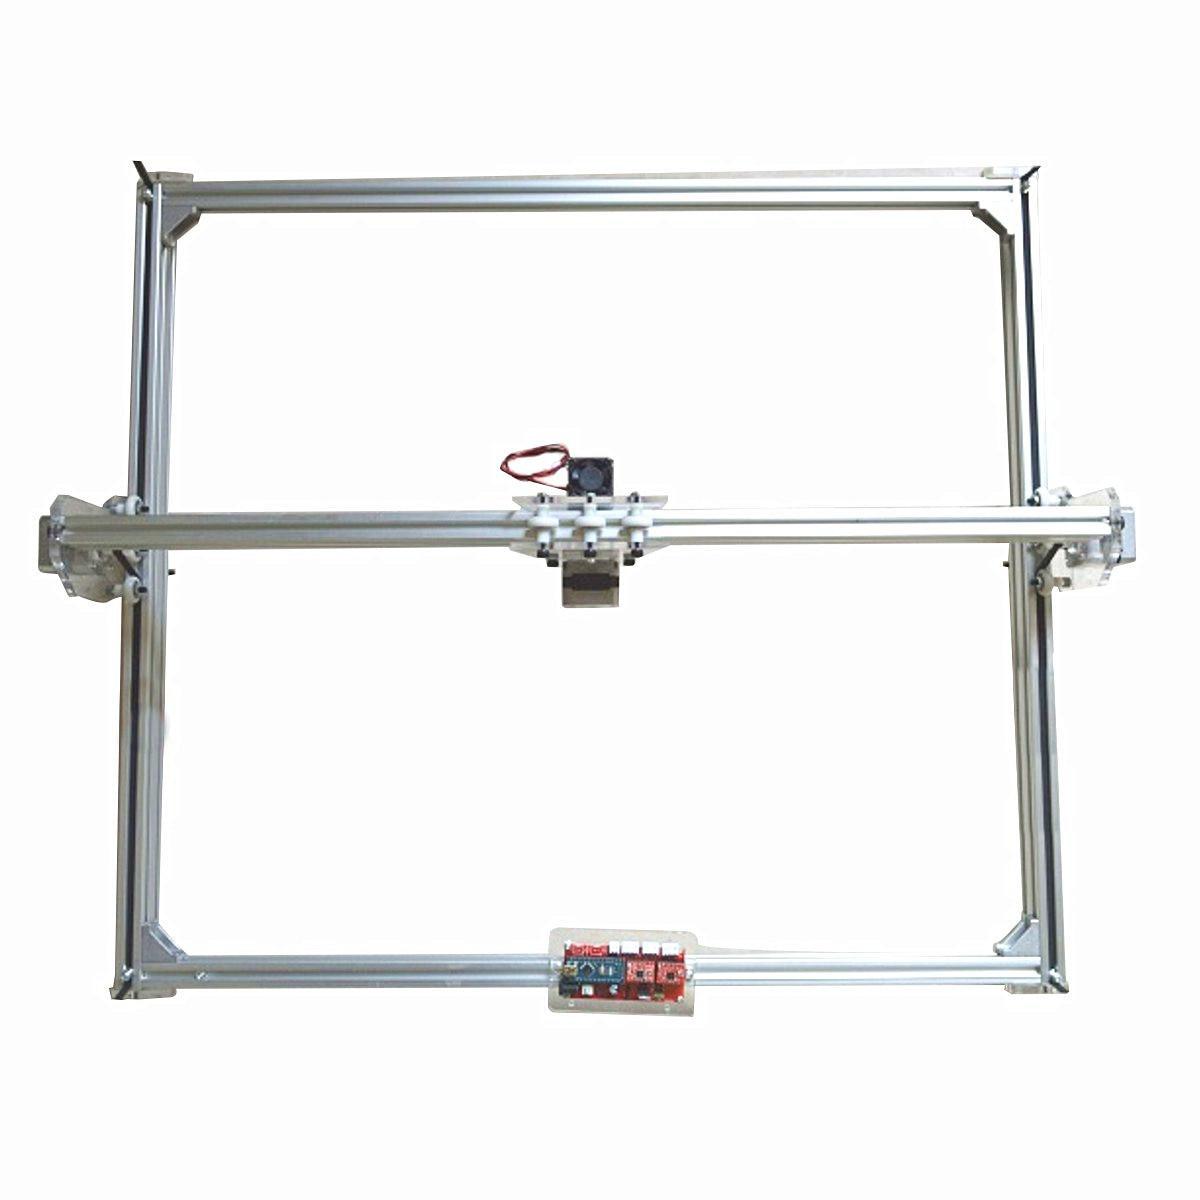 65x50cm 100мвт-5500mw настольных DIY мини лазерной резки/гравировки гравер машина постоянного тока 12В древесины резак/принтер/электрорегулировка